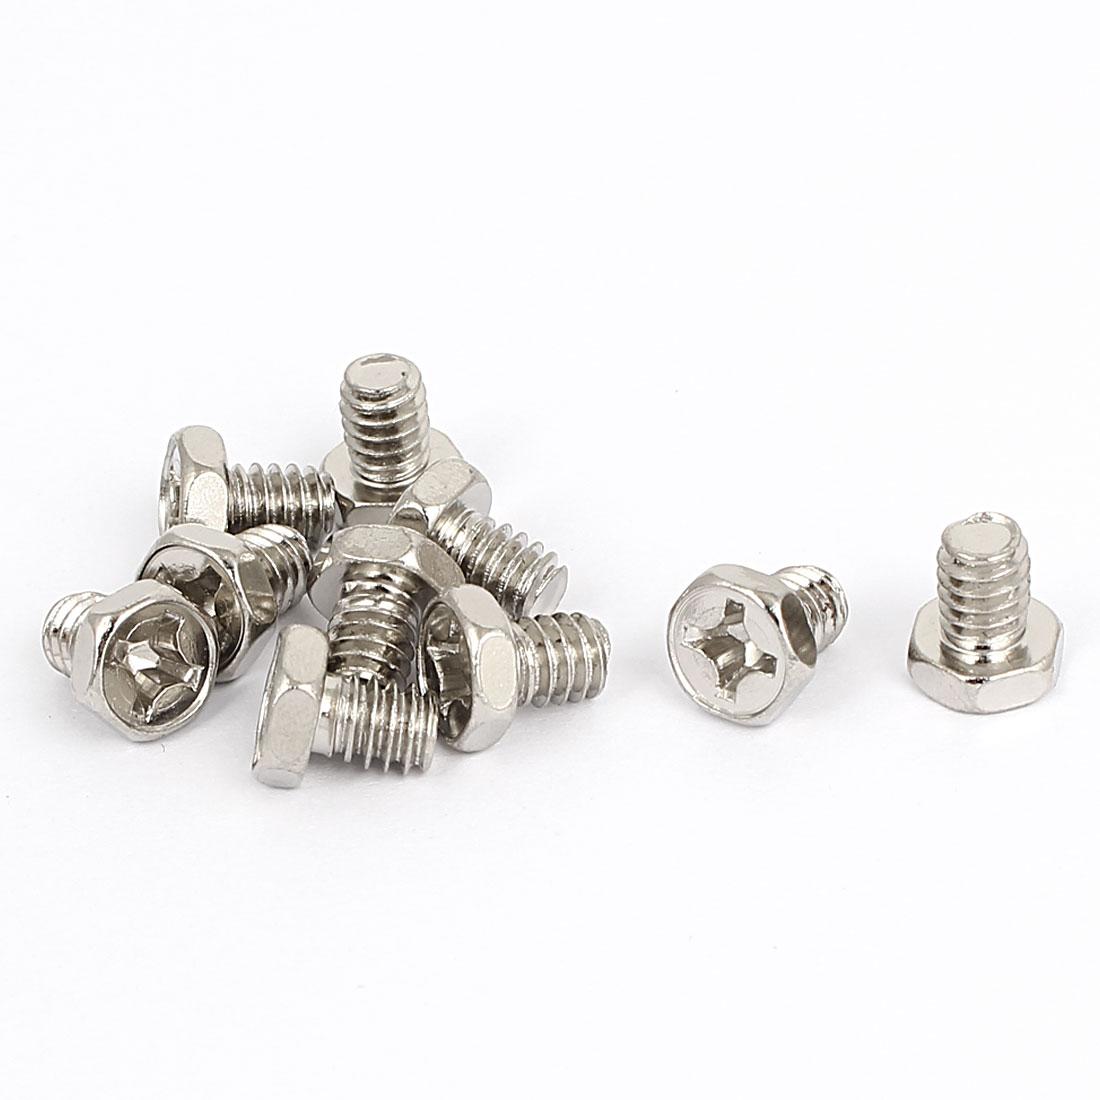 M6 x 1.25mm x 8mm Hex Bolts Tap Phillips Head Screws Fastener Silver Tone 10pcs